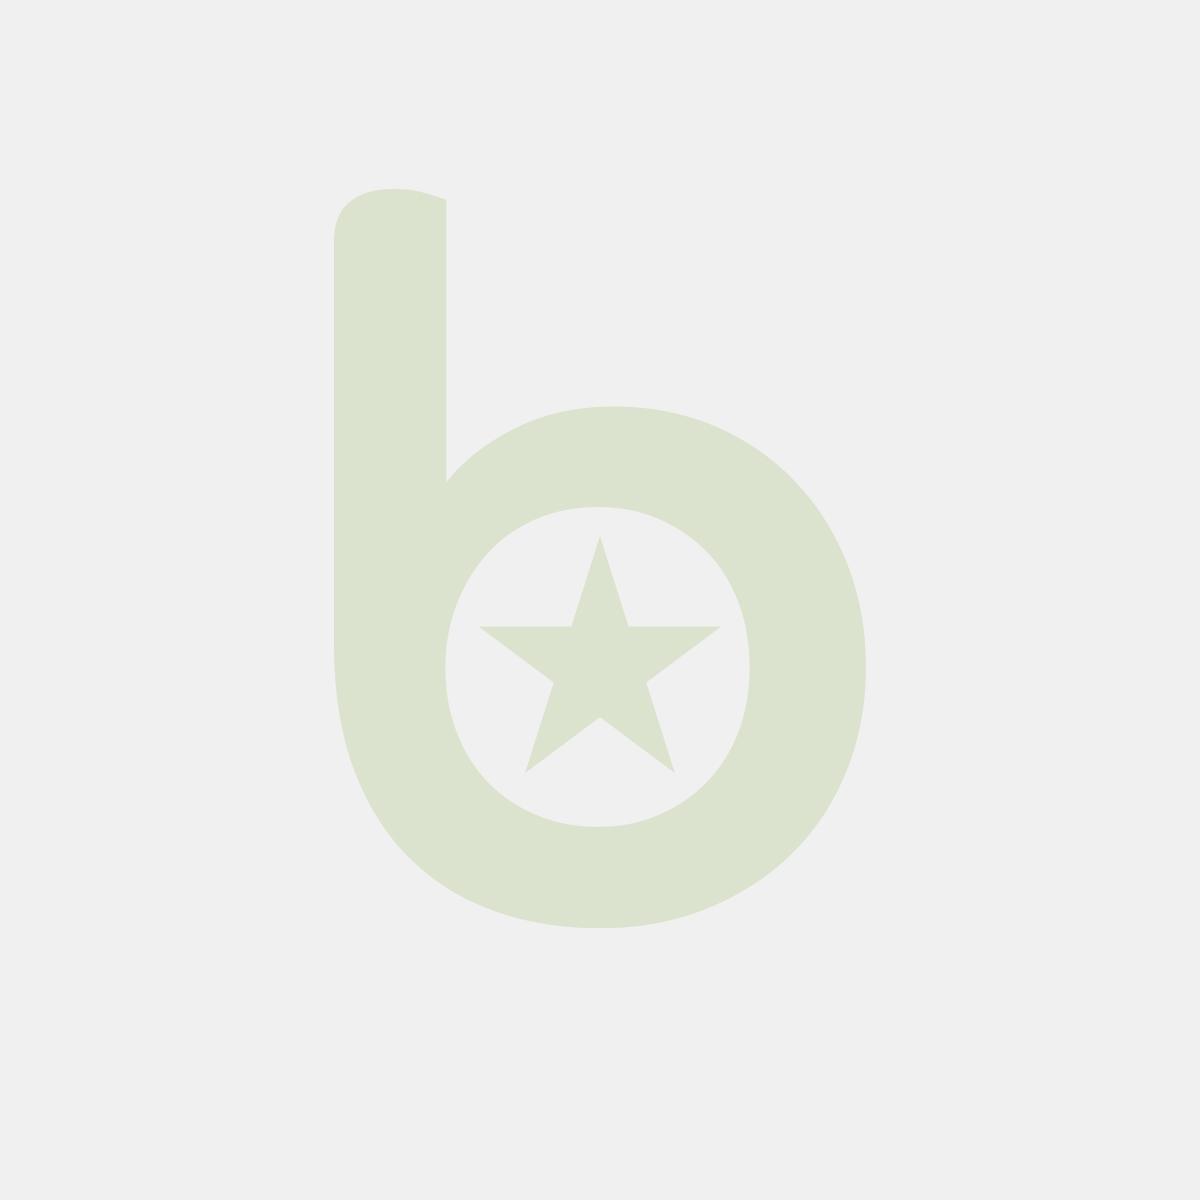 Torba szara 340/130/70 nadruk MAŁE SŁODKIE, cena za opakowanie 1000szt